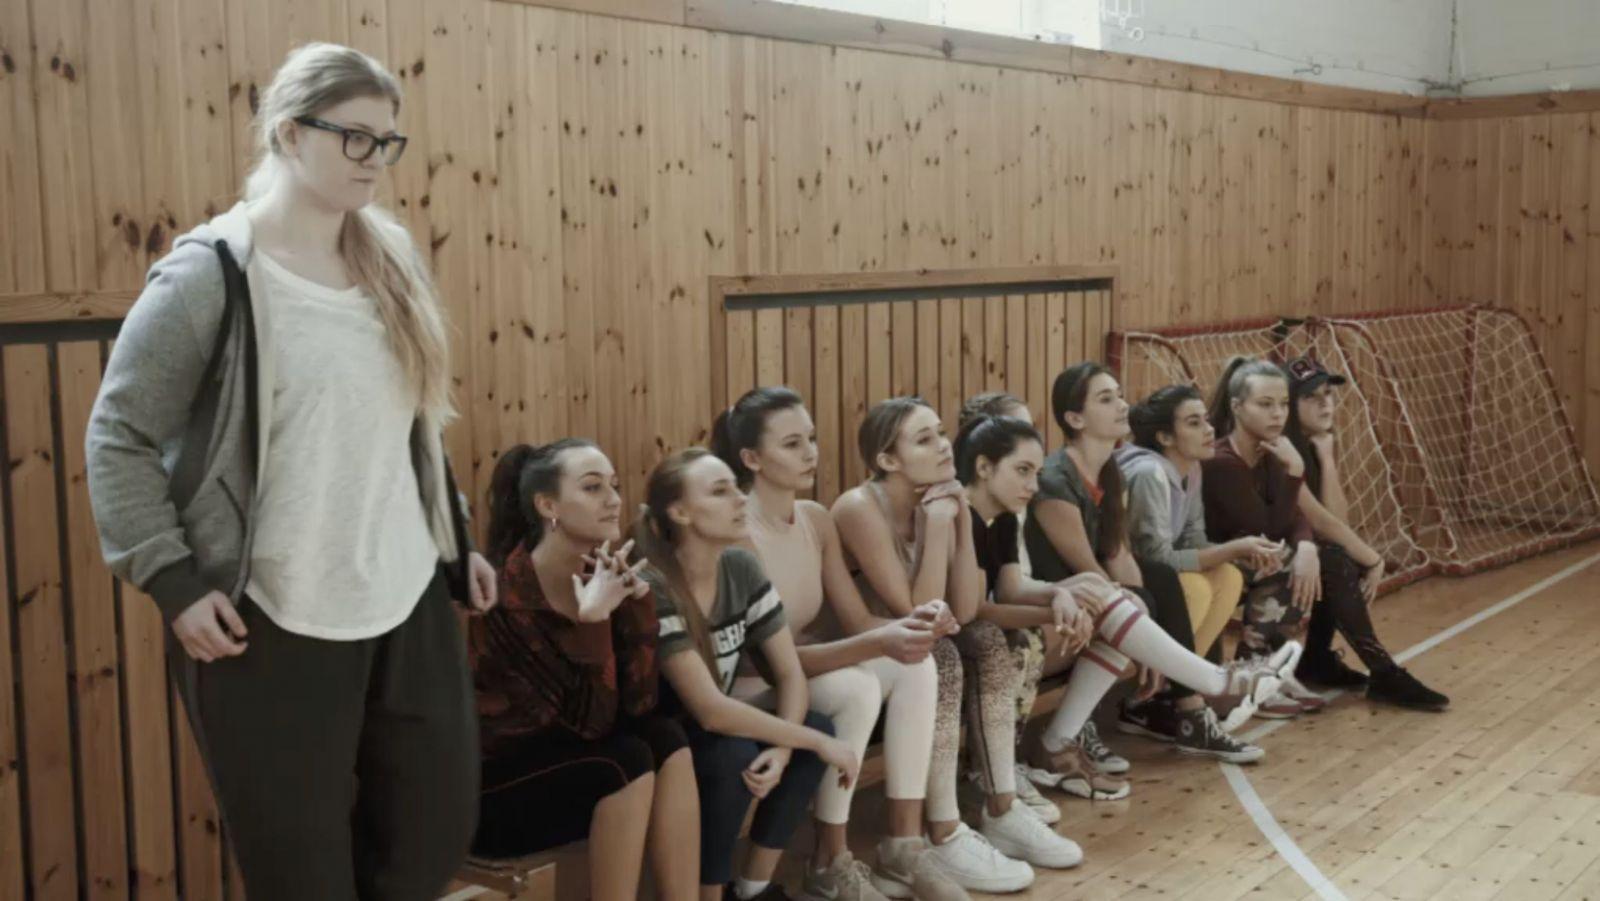 Slovenskí stredoškoláci streamovali, ako ich spolužiačka takmer vykonala veľkú potrebu do umývadla. Čo znamená #TotoSomJa?